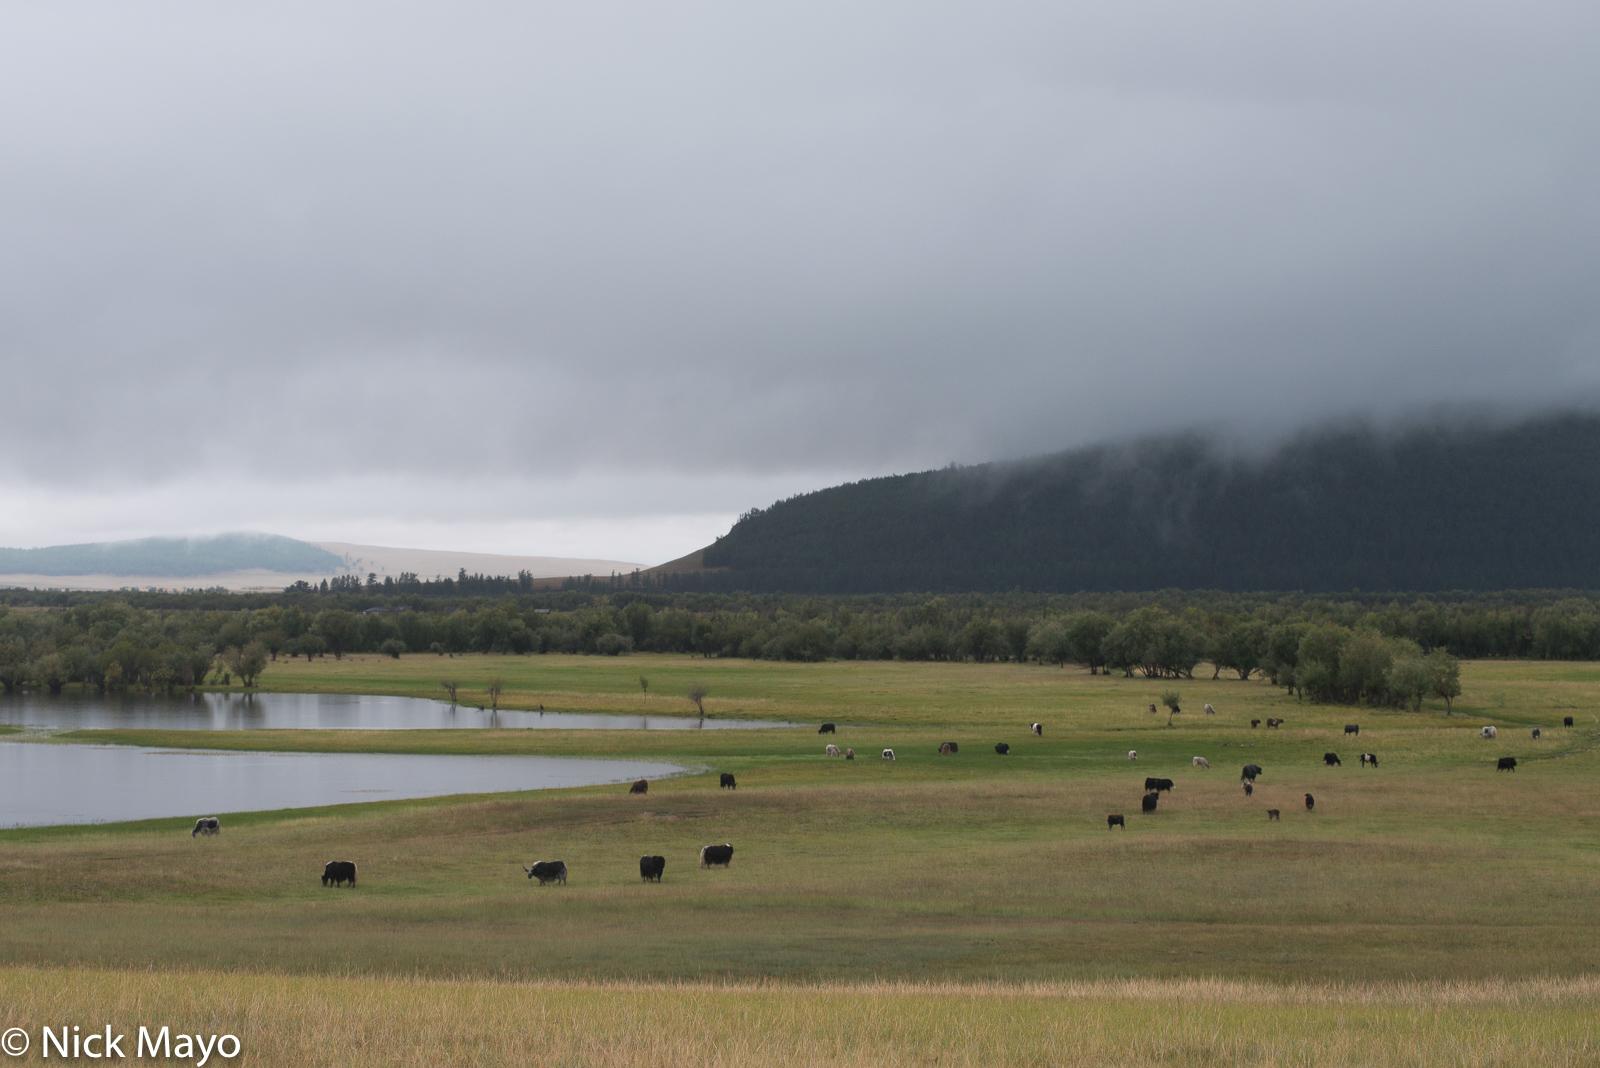 Cattle, Khovsgol, Mongolia, photo